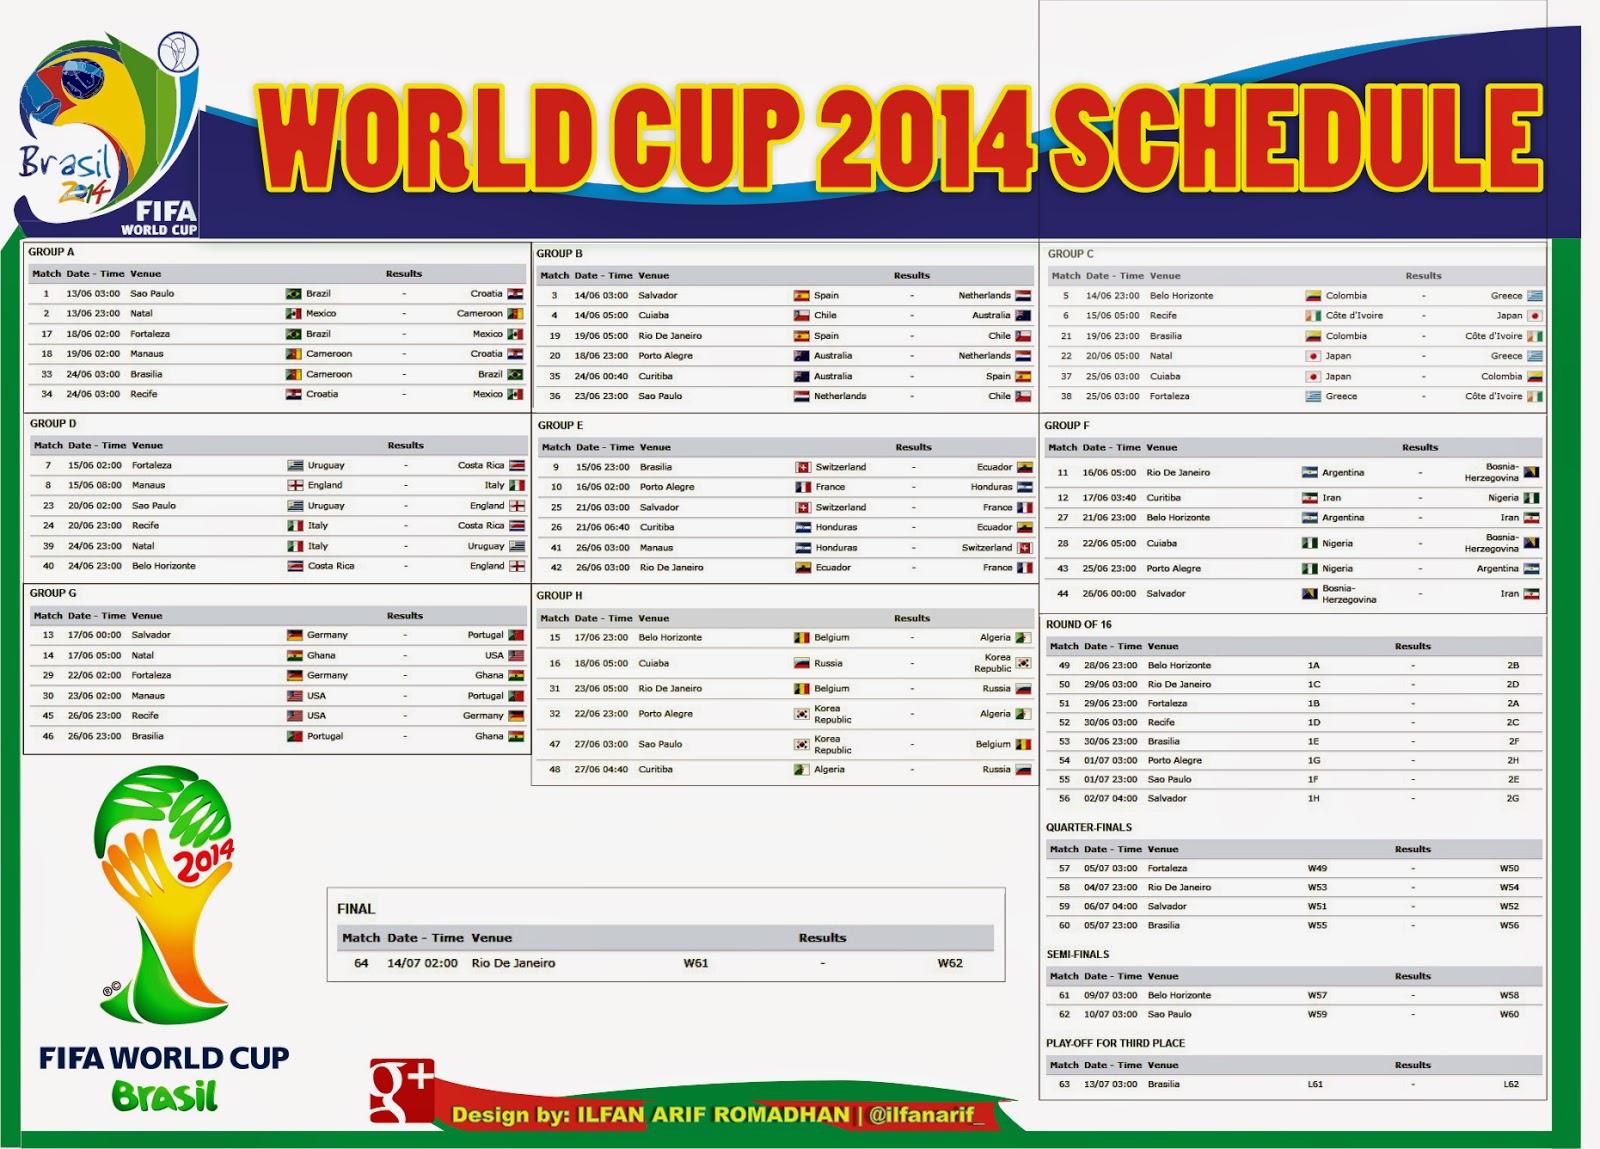 Jadwal Piala Dunia 2014 Brasil Jam Tayang Pertandingan Lengkap